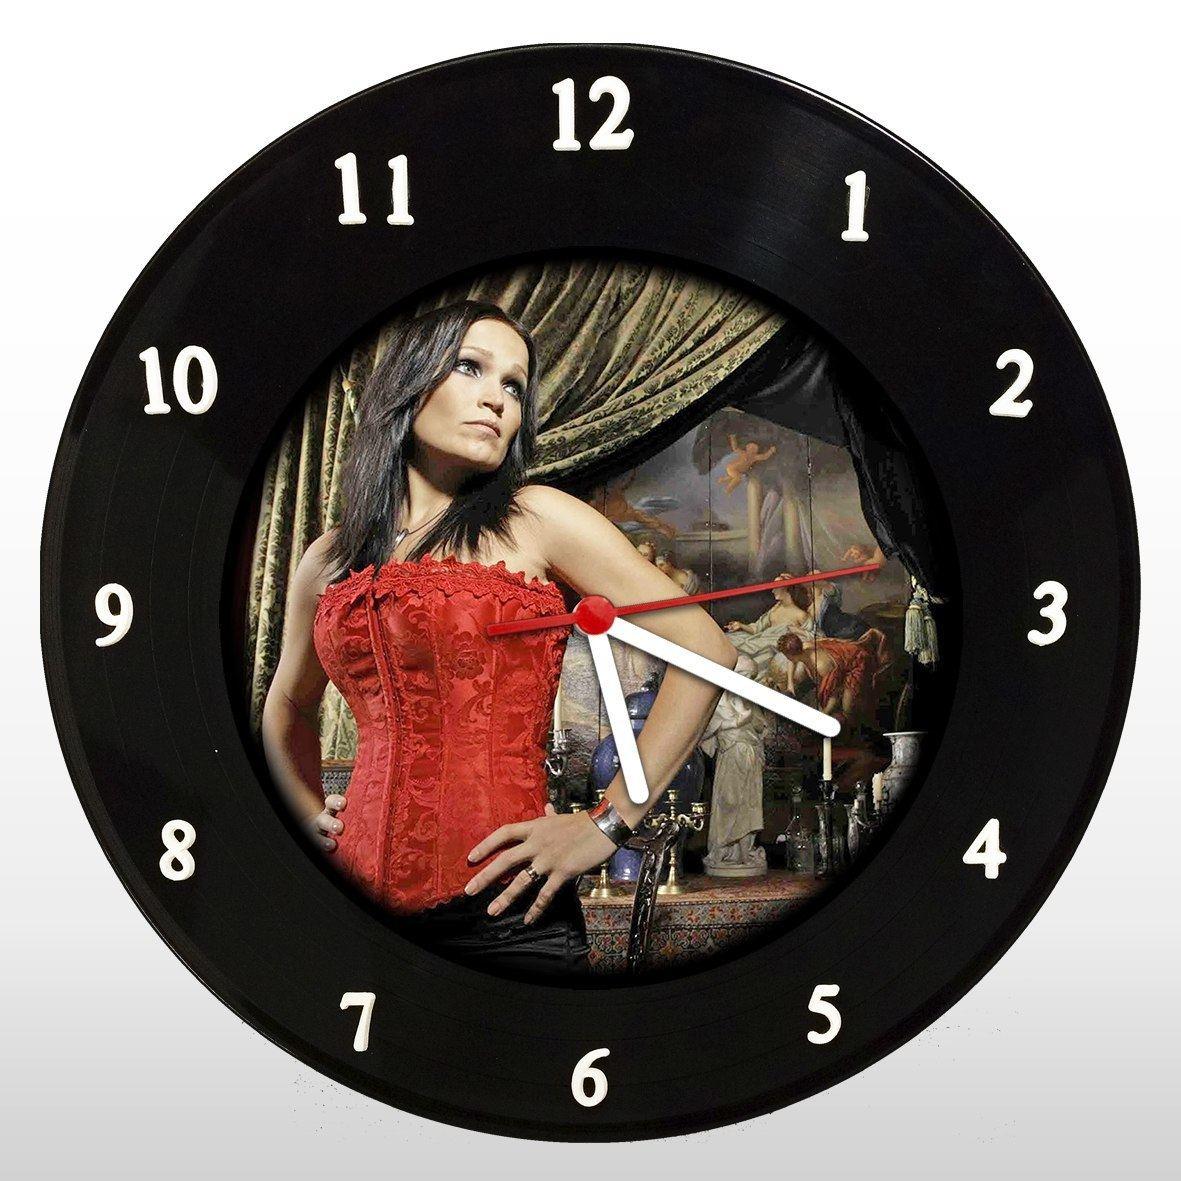 Tarja Turunen - Relógio de Parede em Disco de Vinil - Mr. Rock